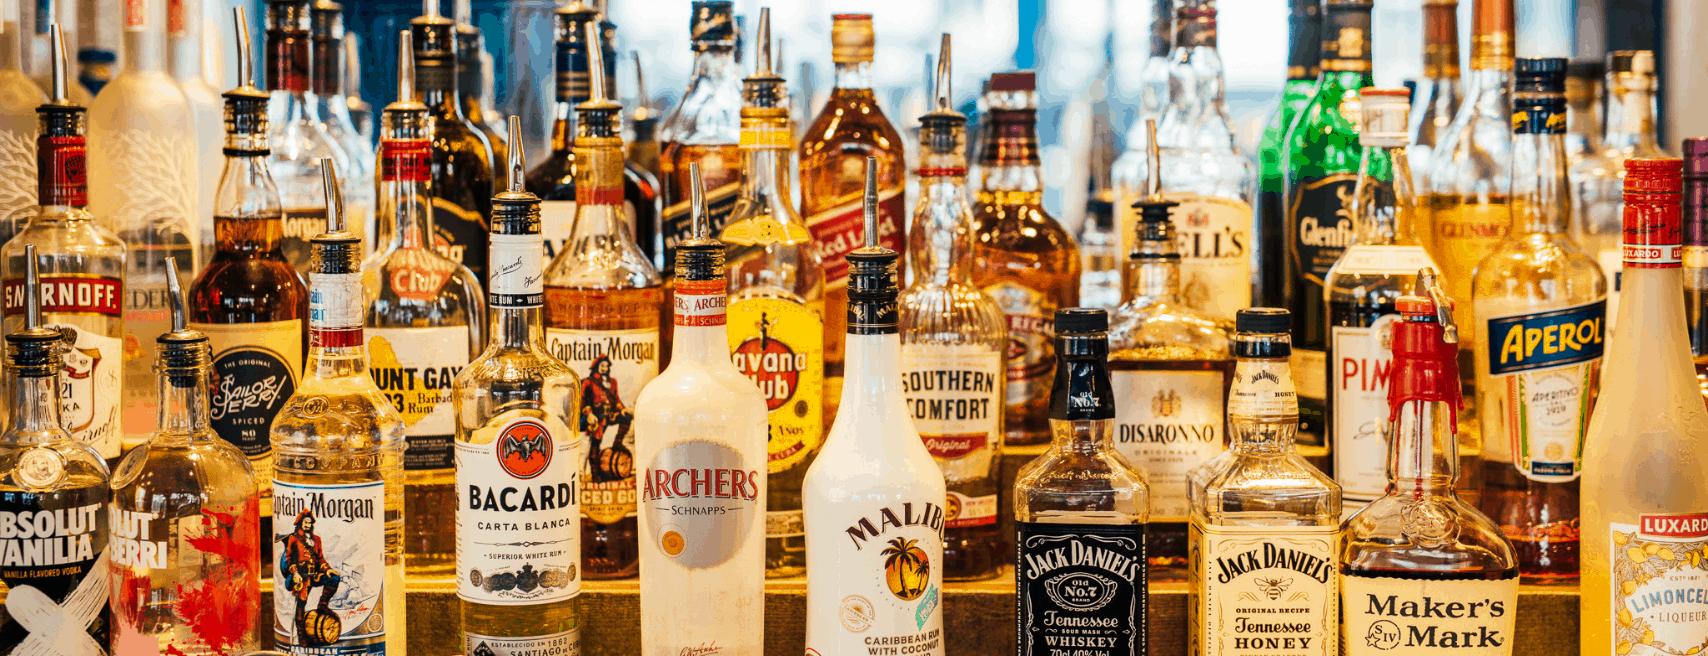 Bottles Header